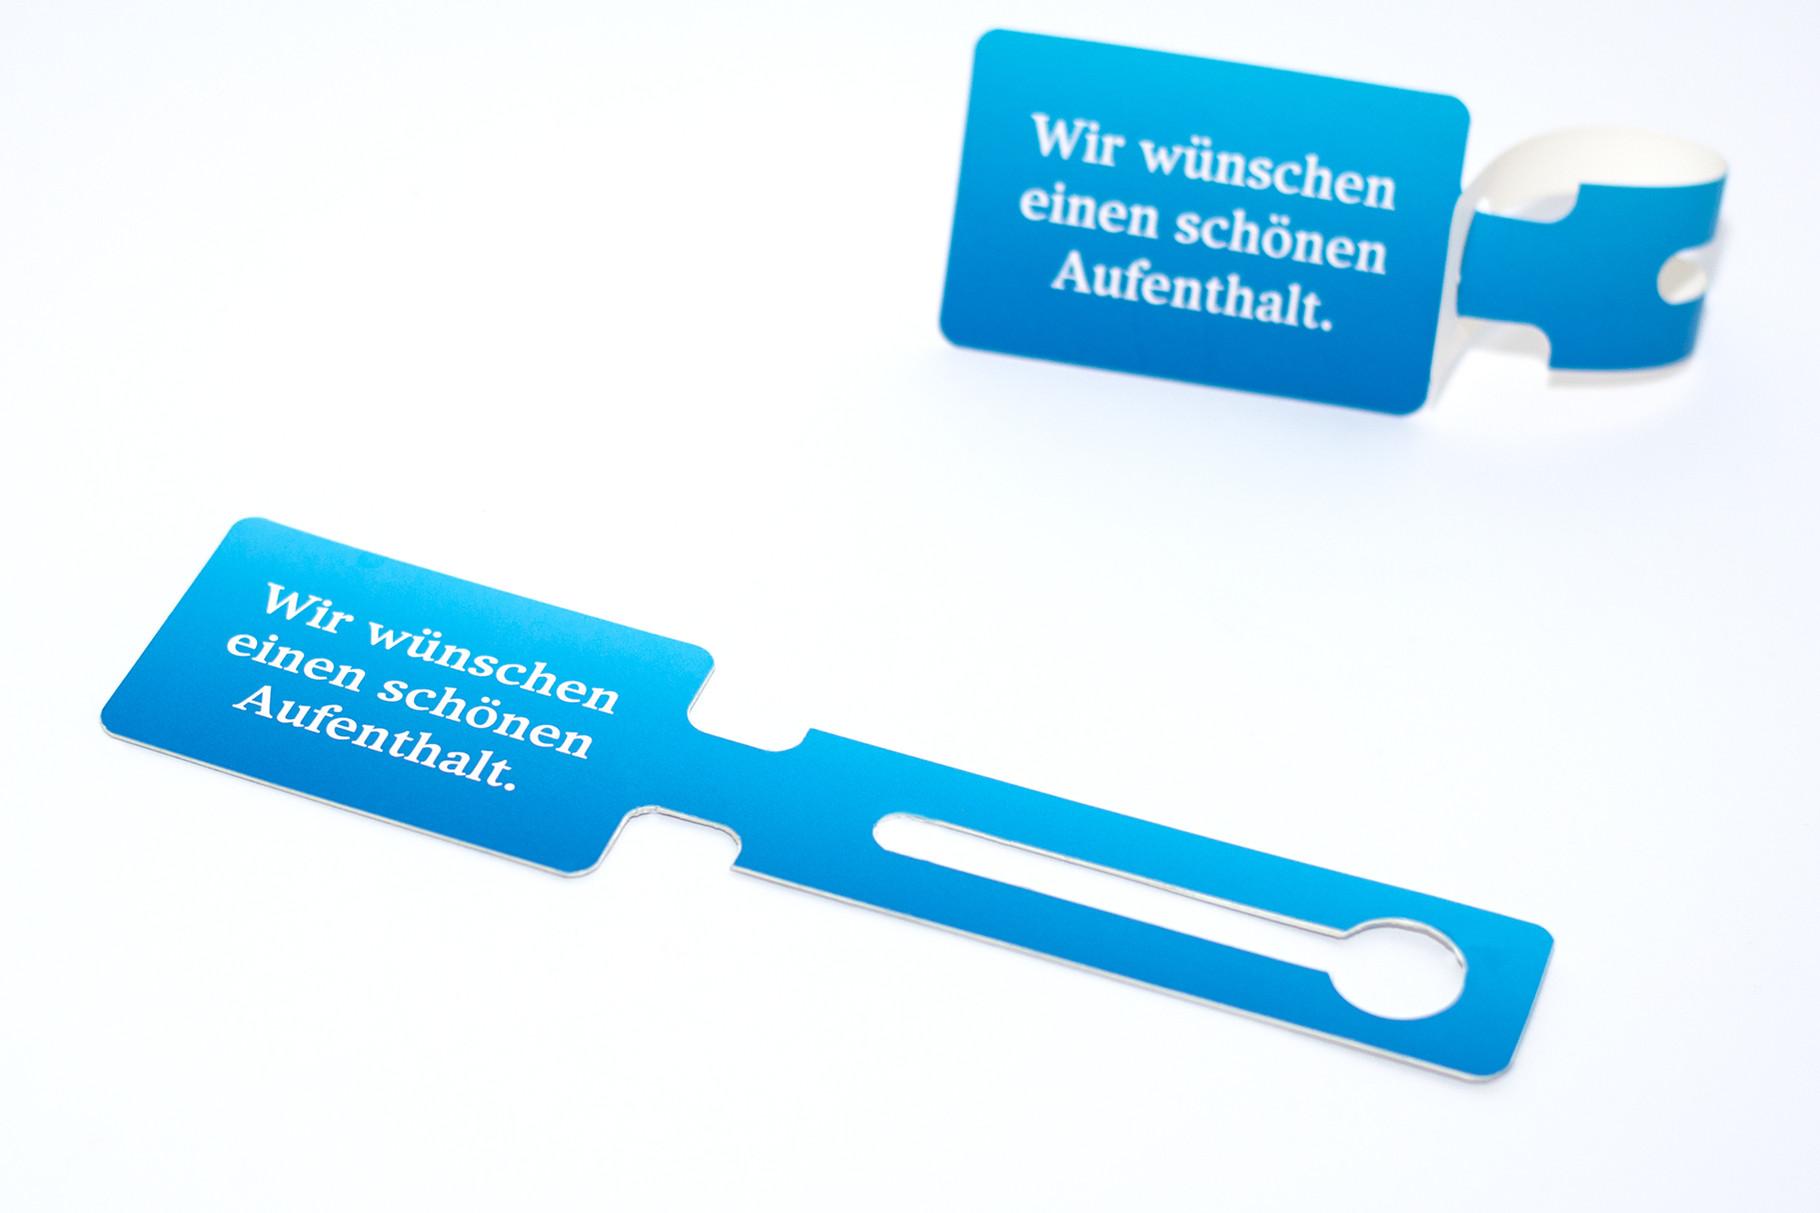 Kunststoff-Kofferanhänger